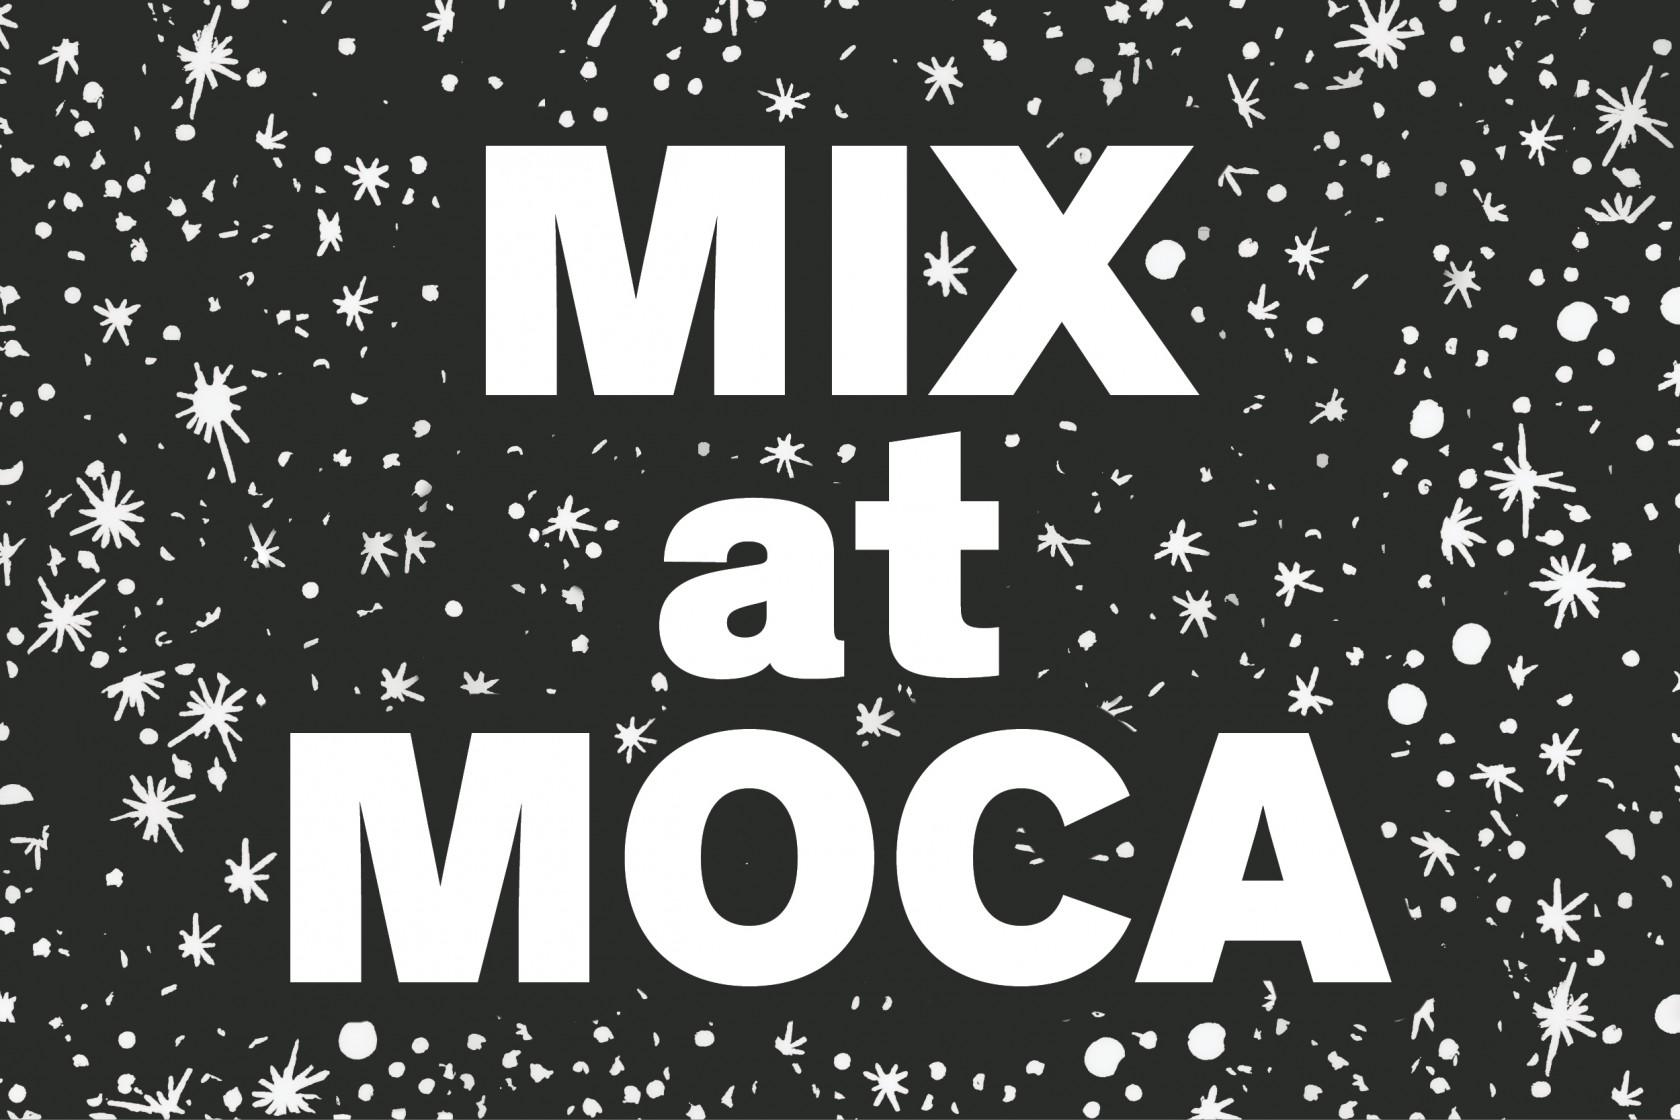 MIX at MOCA